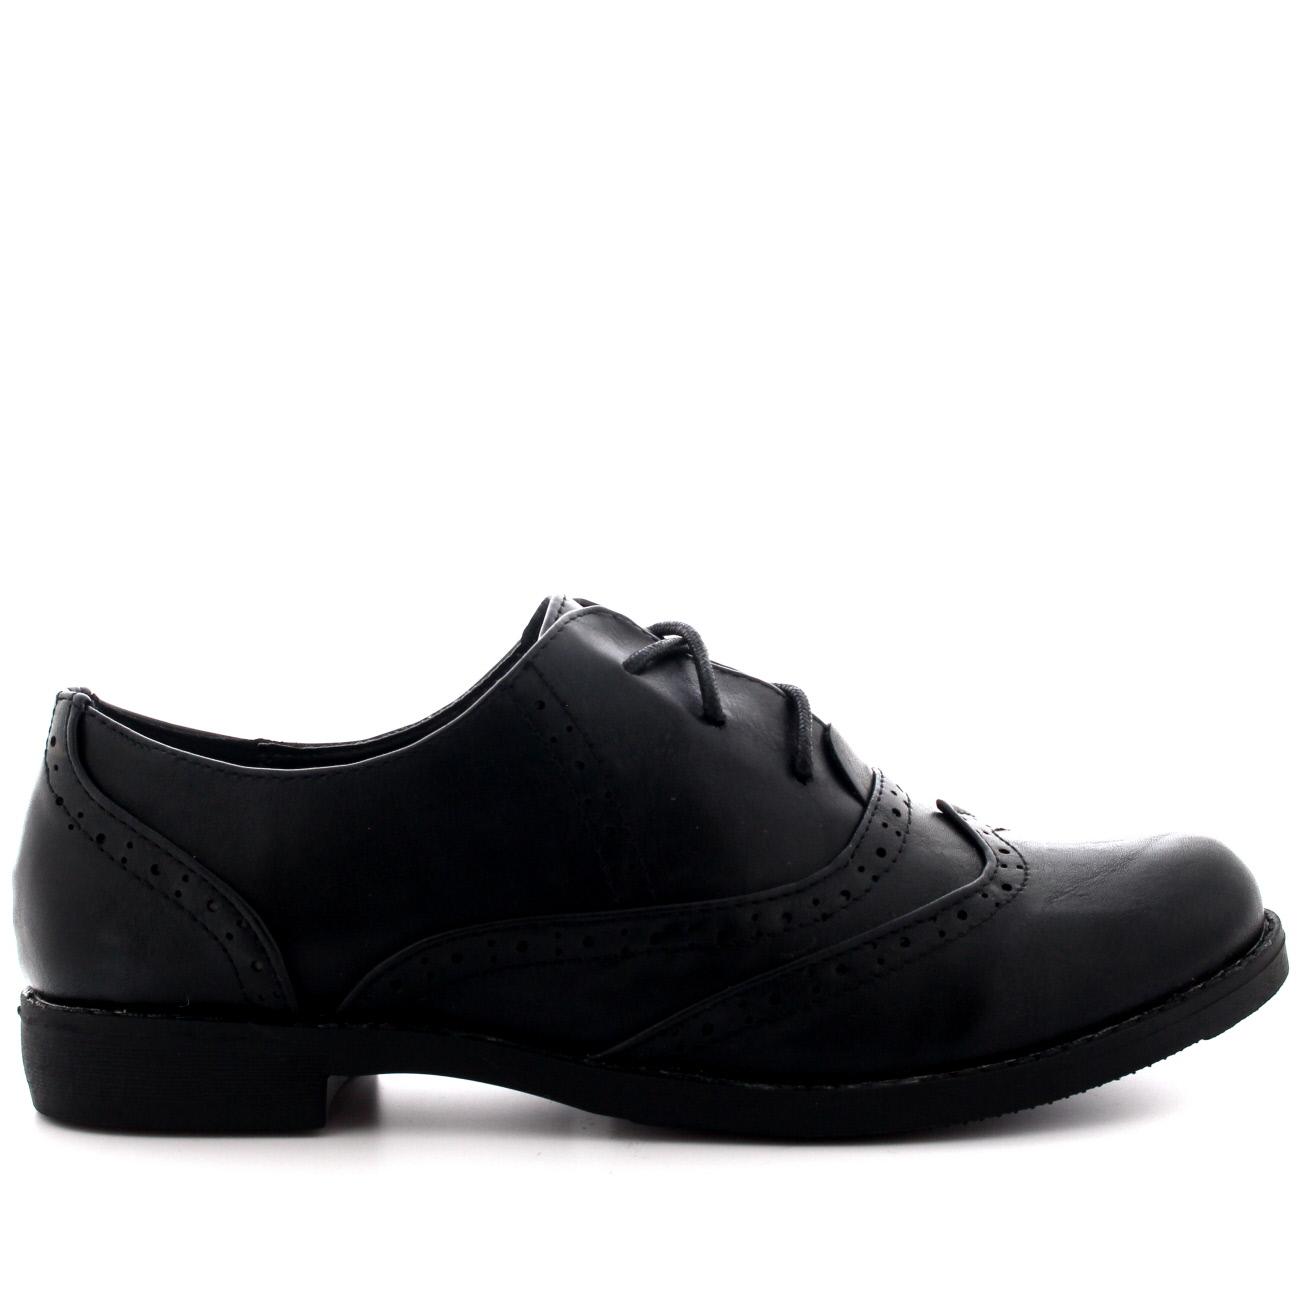 Gorra De Ala para Mujer Formales Trabajar Vintage Formal Zapatos planos de oficina de diseño UK 3-10